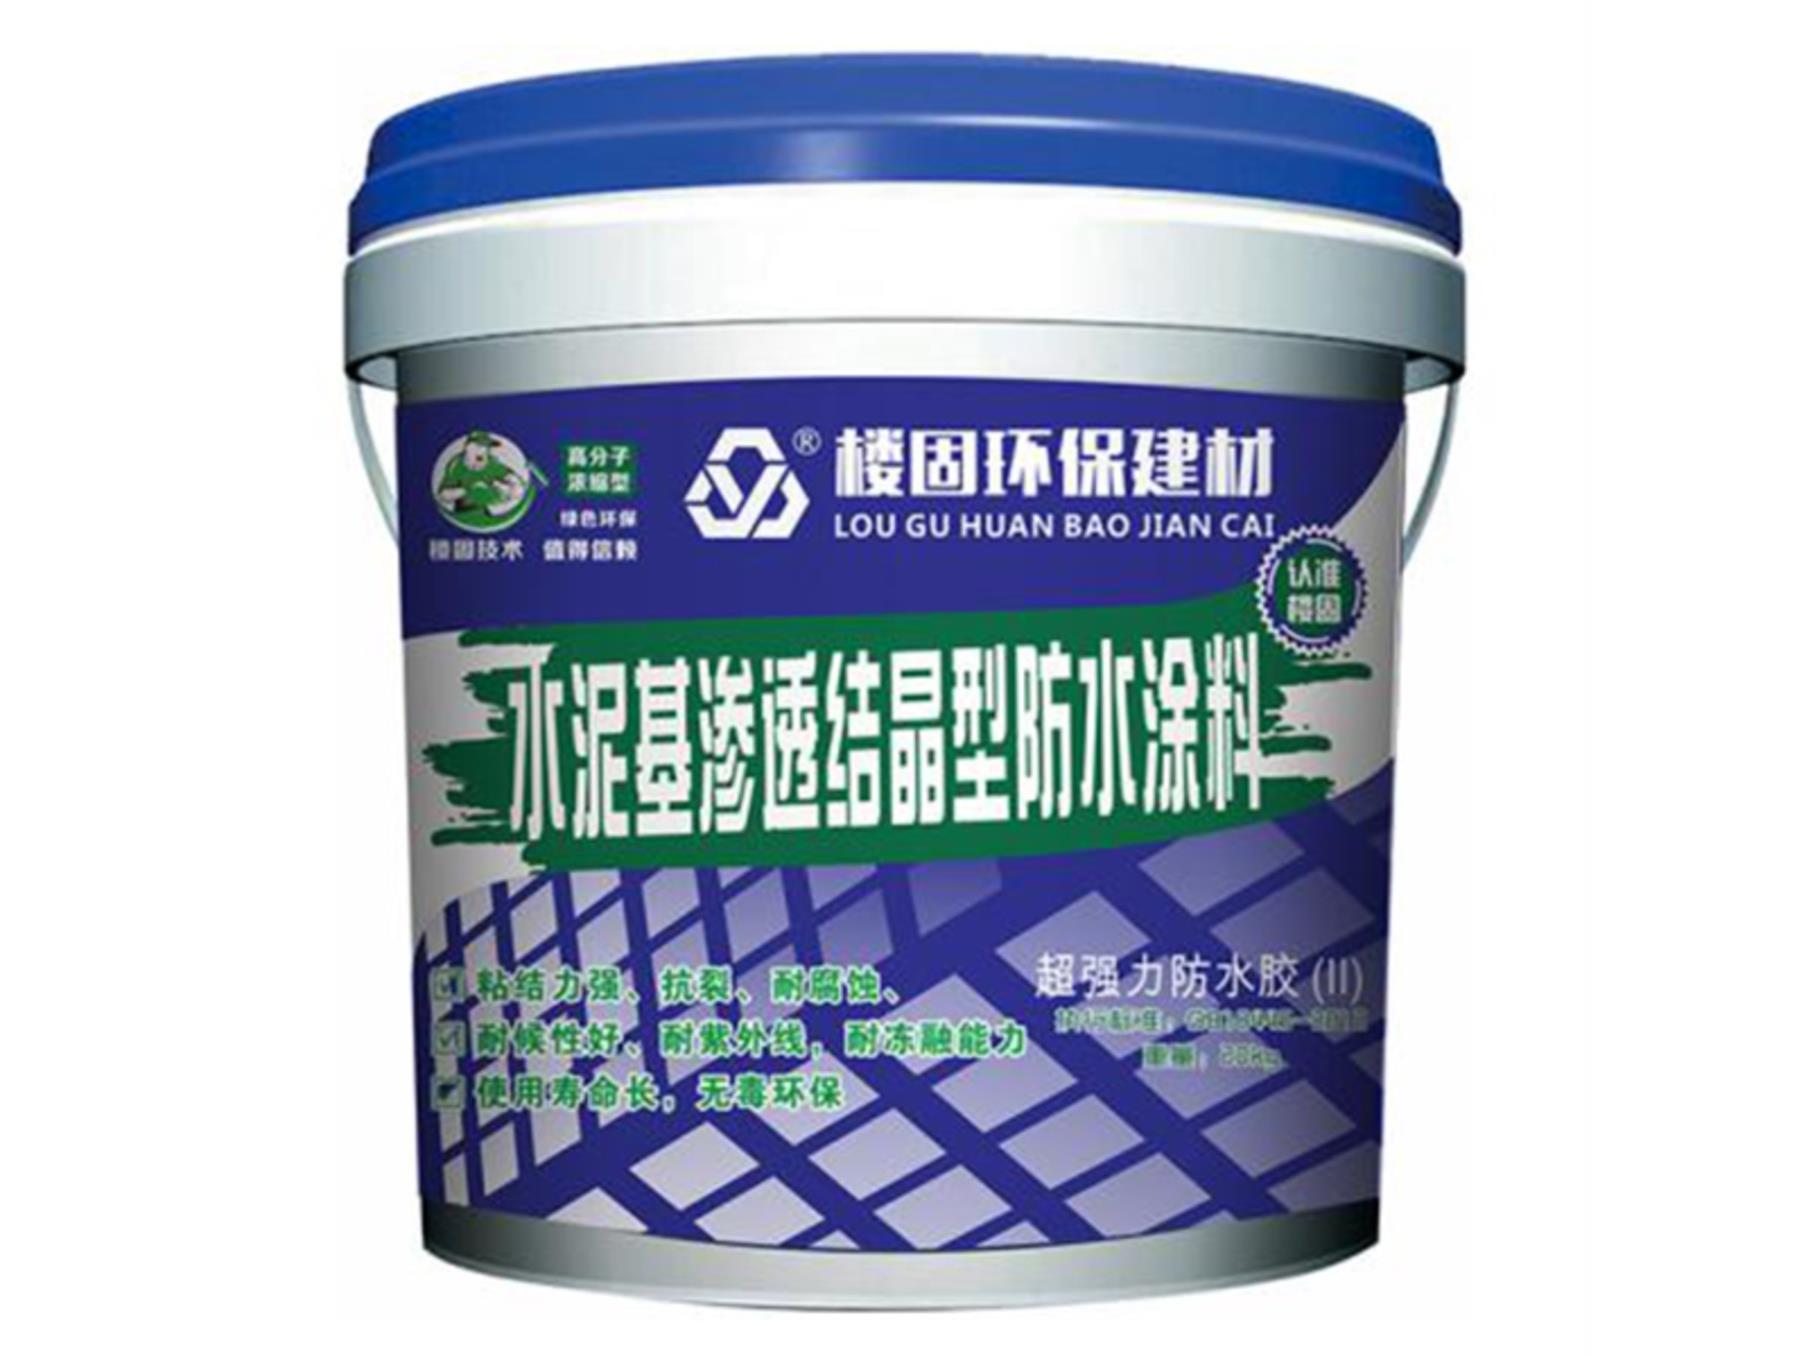 新品水泥基渗透防水涂料供应商找楼固建材_结晶型防水涂料